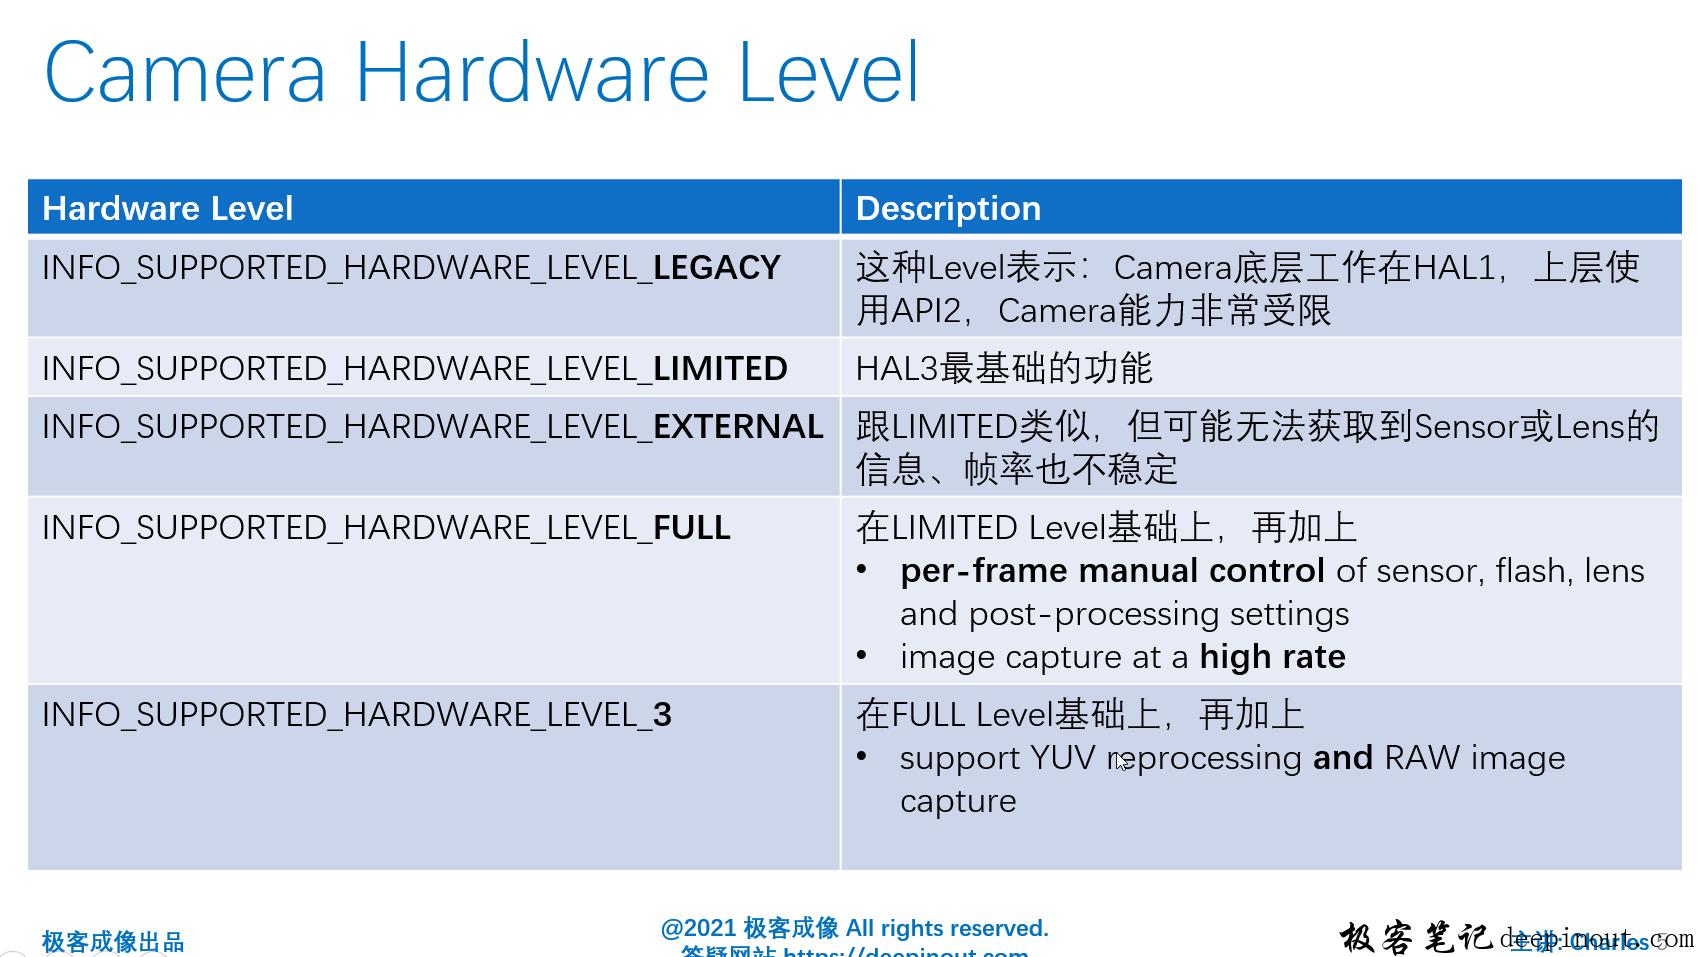 Camera Hardware Level